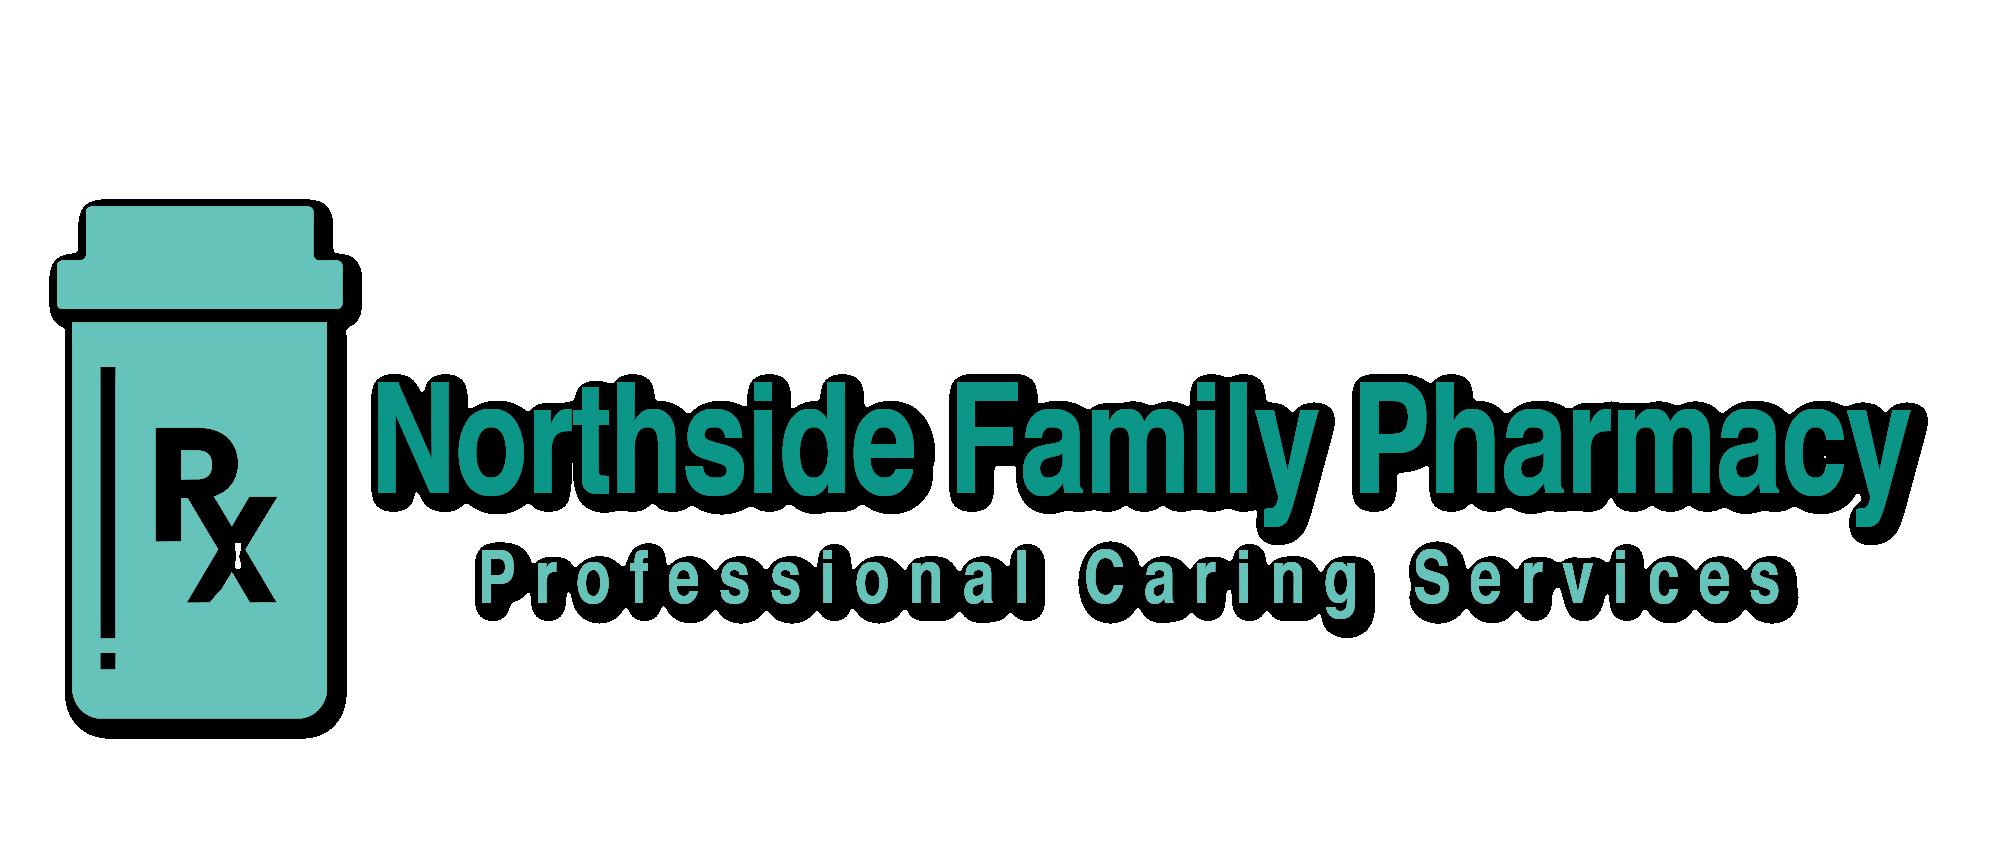 Northside Family Pharmacy